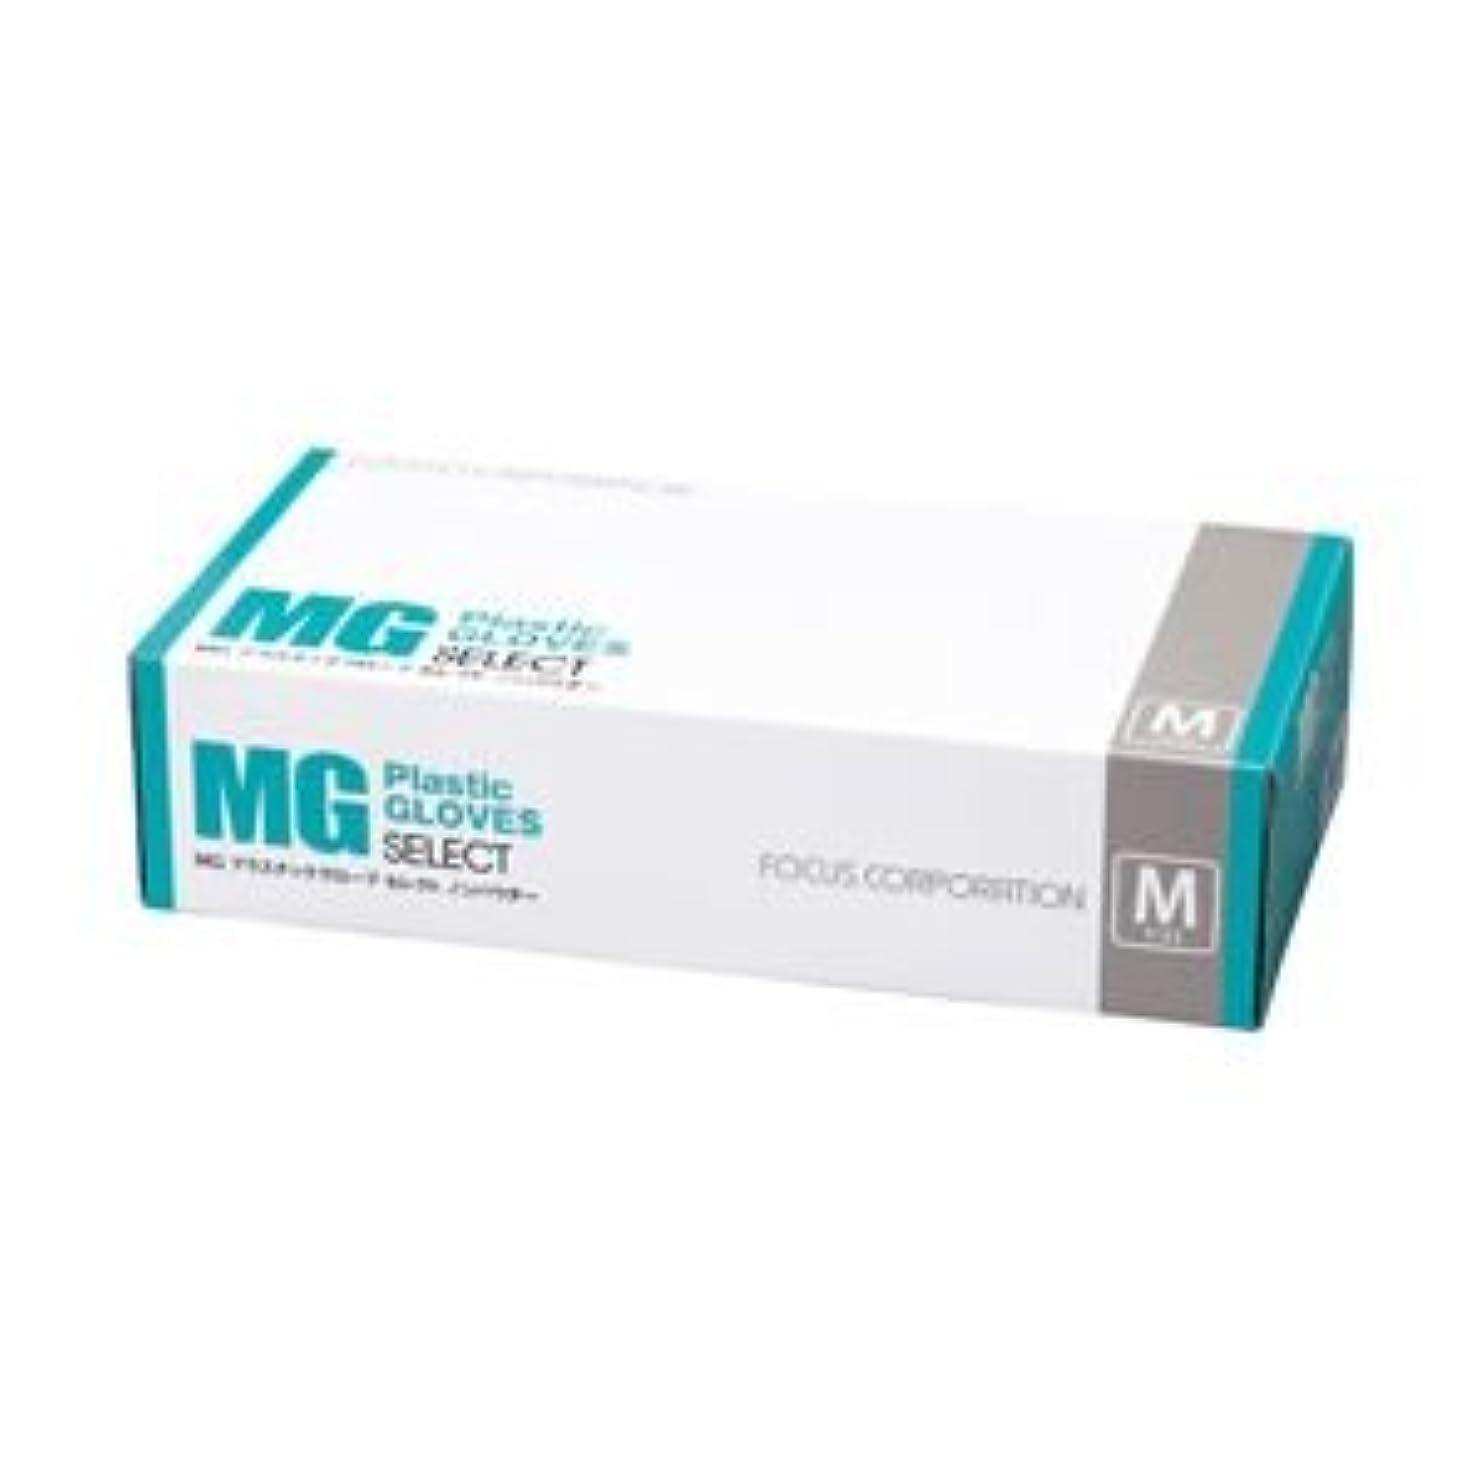 環境に優しいネイティブ平衡フォーカス (業務用セット) MGプラスチックグローブSELECT 粉なし 半透明 1箱(100枚) Mサイズ (×10セット)